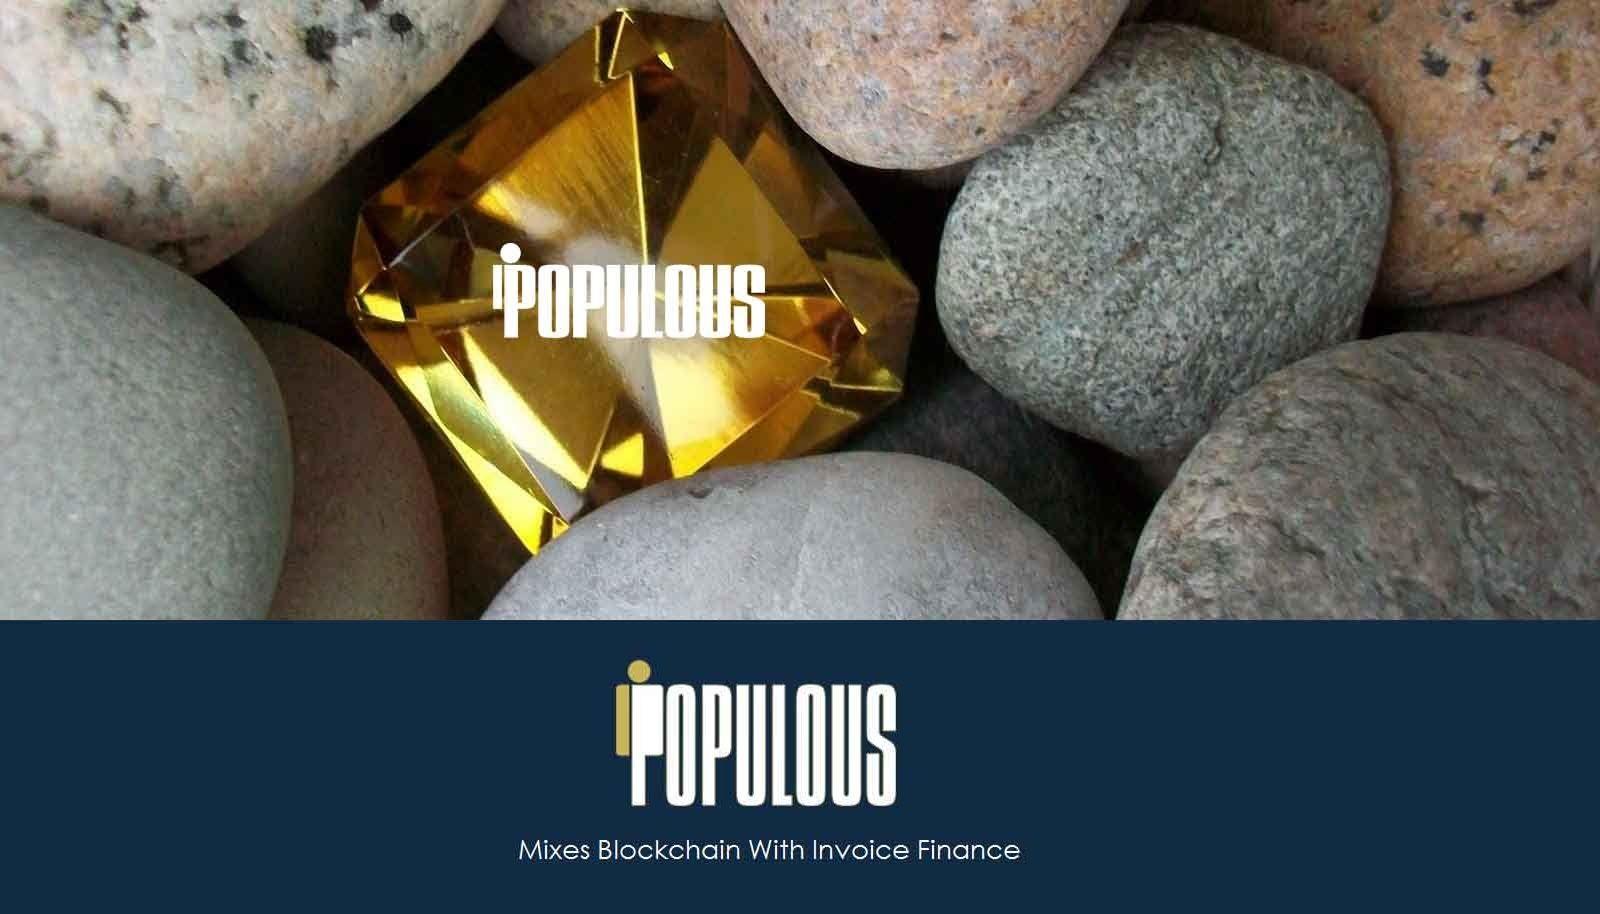 En este momento estás viendo Populous World adquiere participación accionaria en la plataforma de crowdfunding